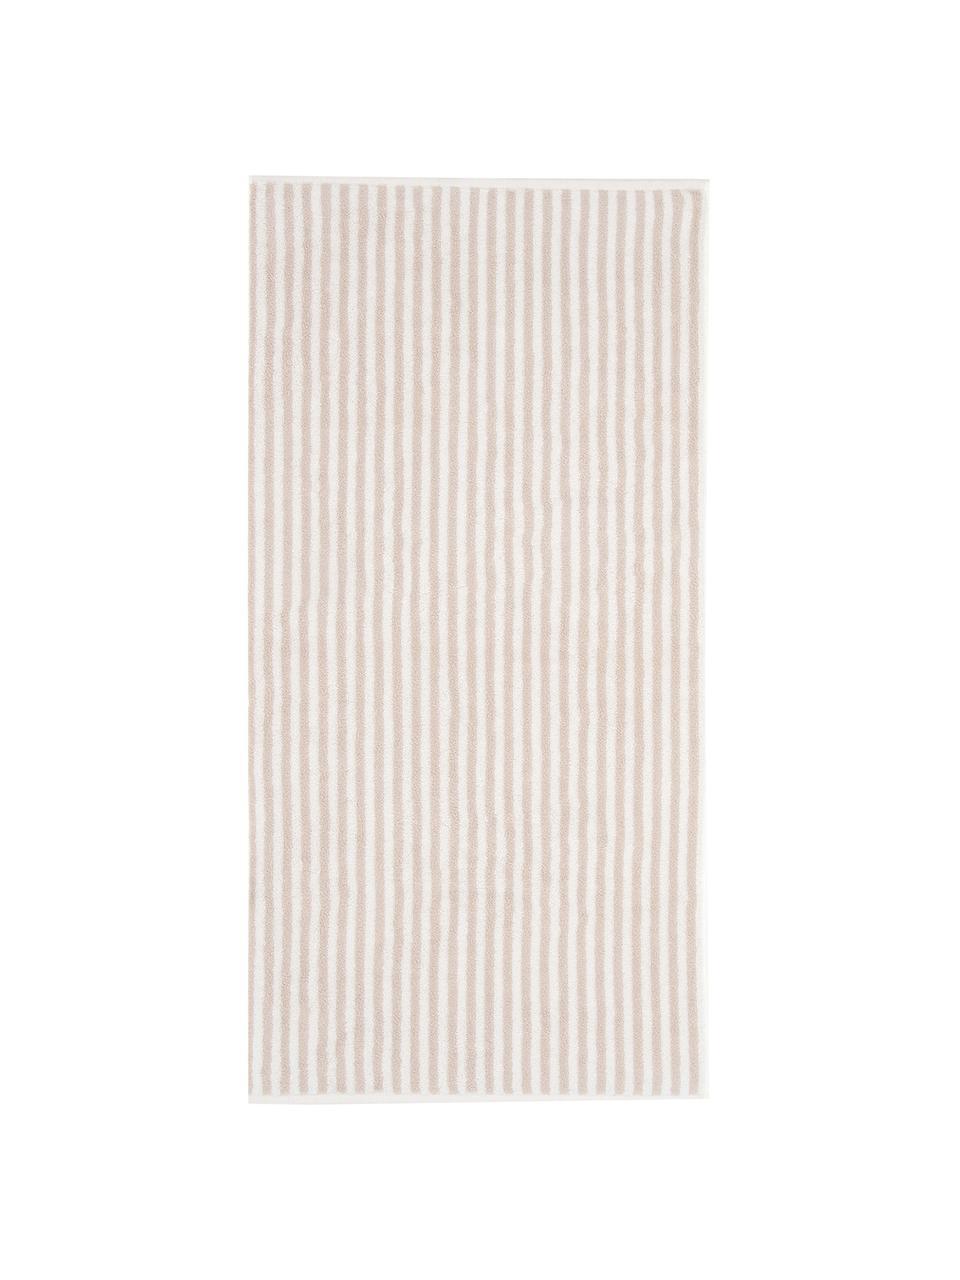 Serviette de toilette coton pur à rayures Viola, Couleur sable, blanc crème